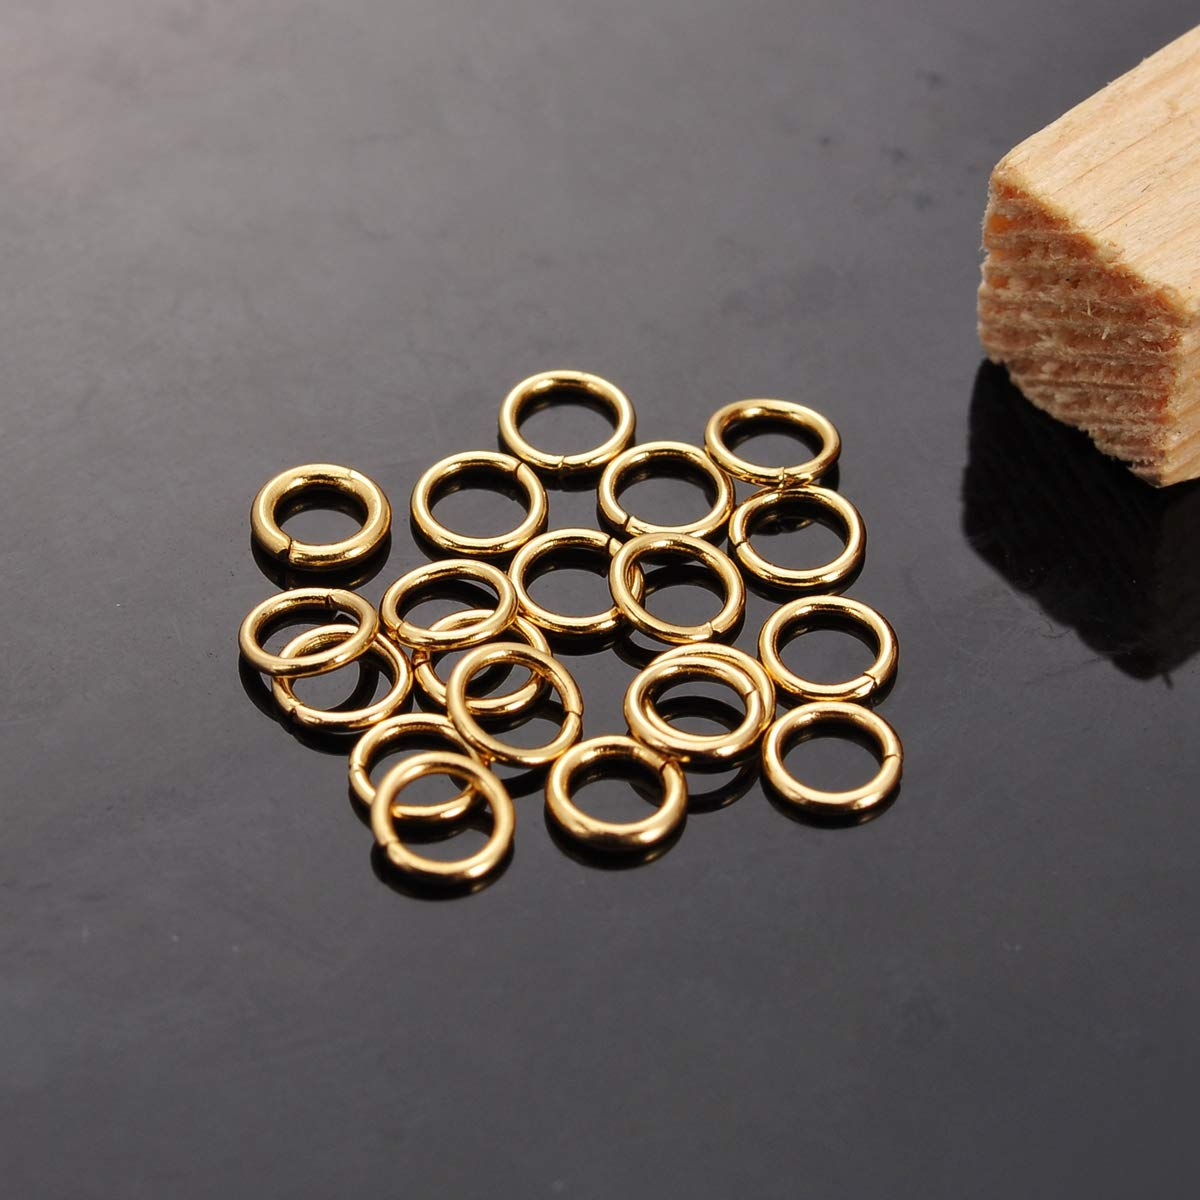 YC-Arts Lot de 20 anneaux ronds en acier inoxydable plaqu/é or Acier inoxydable plaqu/é or 4mmx0.7mm